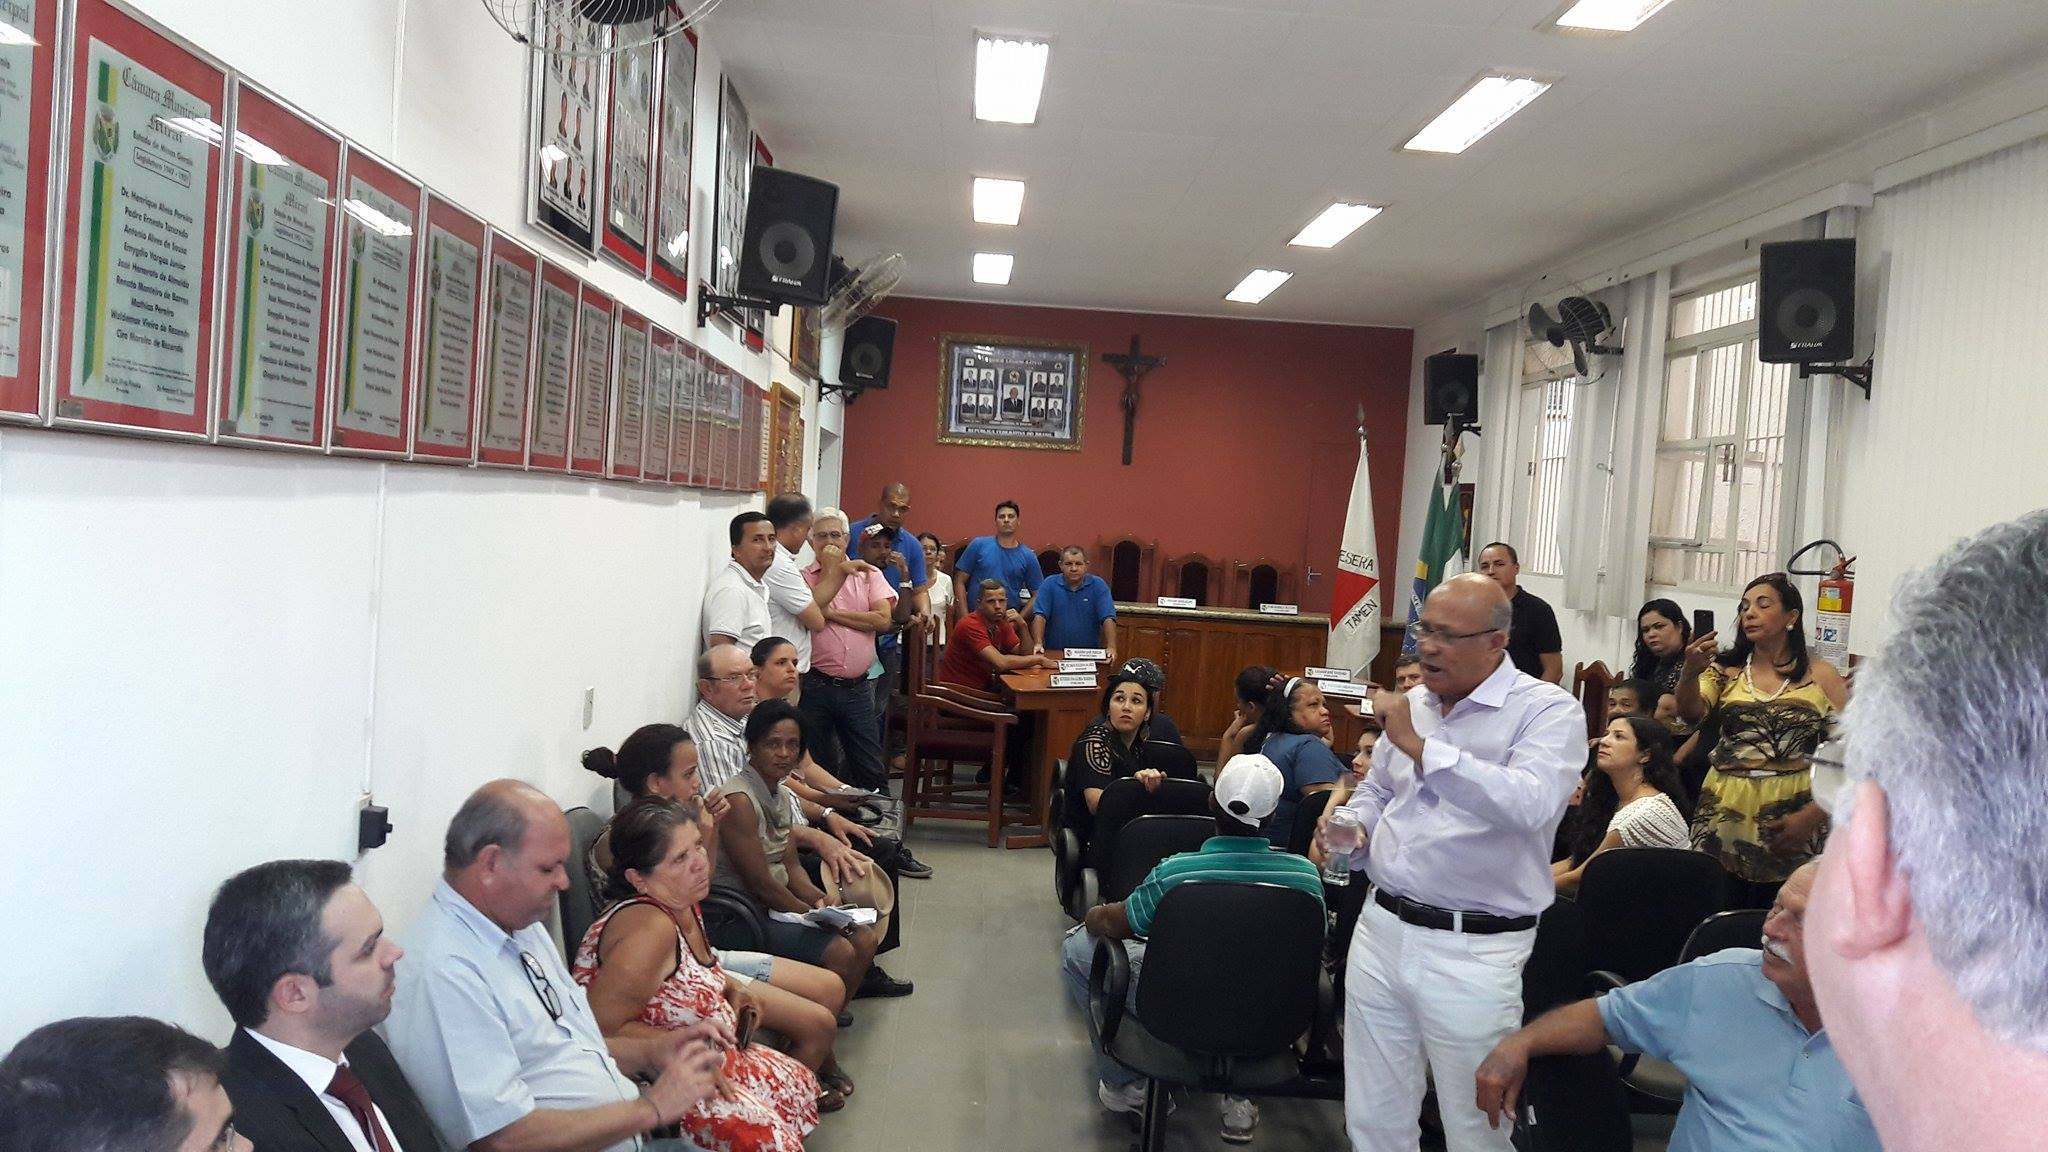 CONFECÇÃO DA CARTEIRA DE IDENTIDADE ESTÁ EM FUNCIONAMENTO